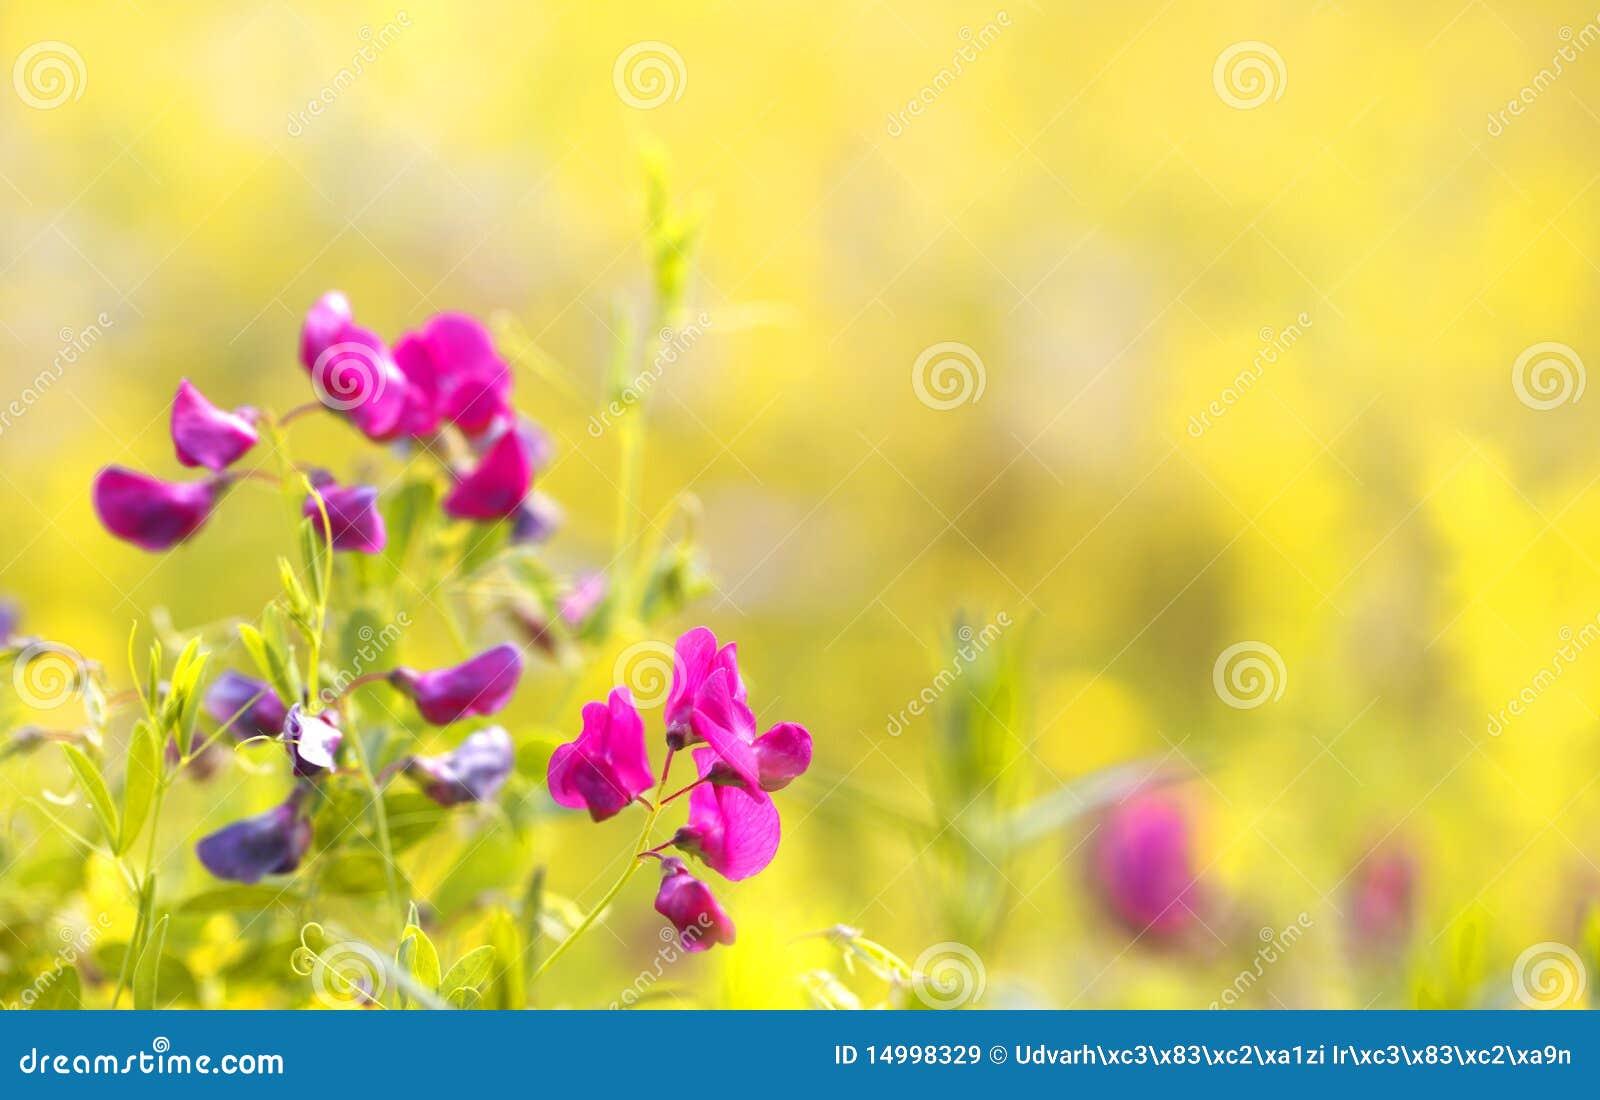 Flores Pequenas Cor-de-rosa No Campo Imagem De Stock